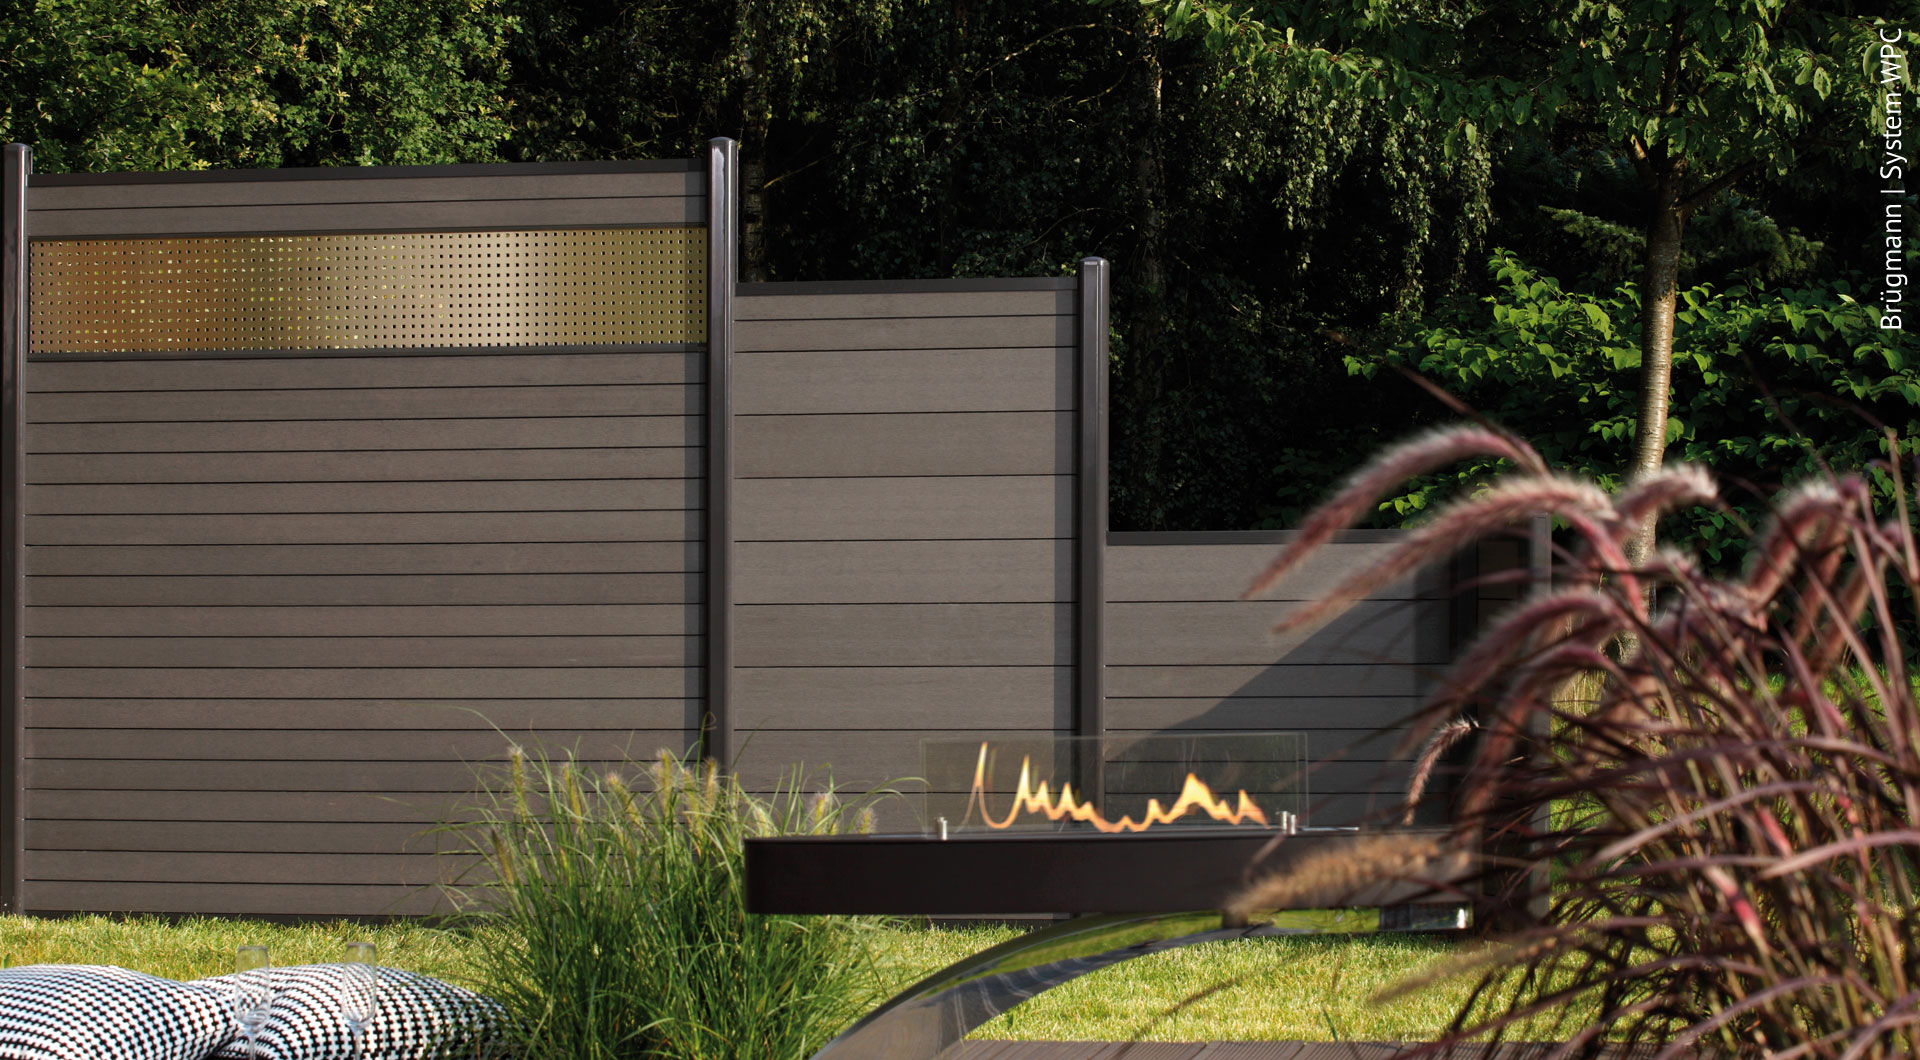 Full Size of Wpc Zune Der Sichtschutz Ohne Pflegeaufwand Holz Roeren Gmbh Für Fenster Garten Pergola Sichtschutzfolie Schallschutz Gewächshaus Spielturm Gerätehaus Garten Sichtschutz Garten